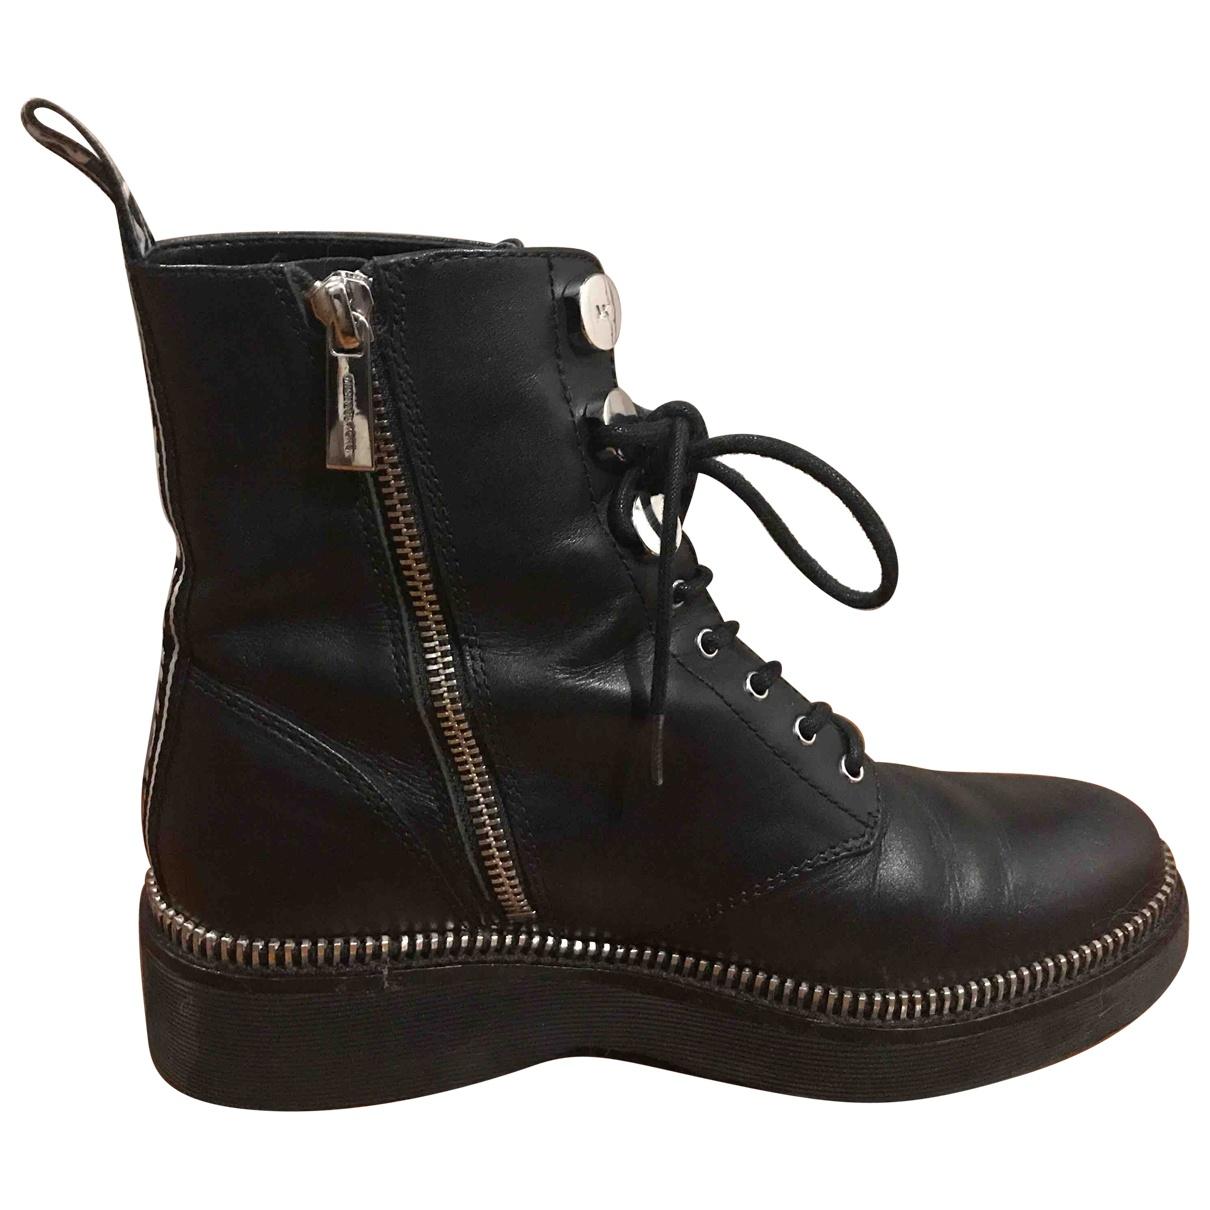 Michael Michael Kors - Boots   pour femme en cuir - noir